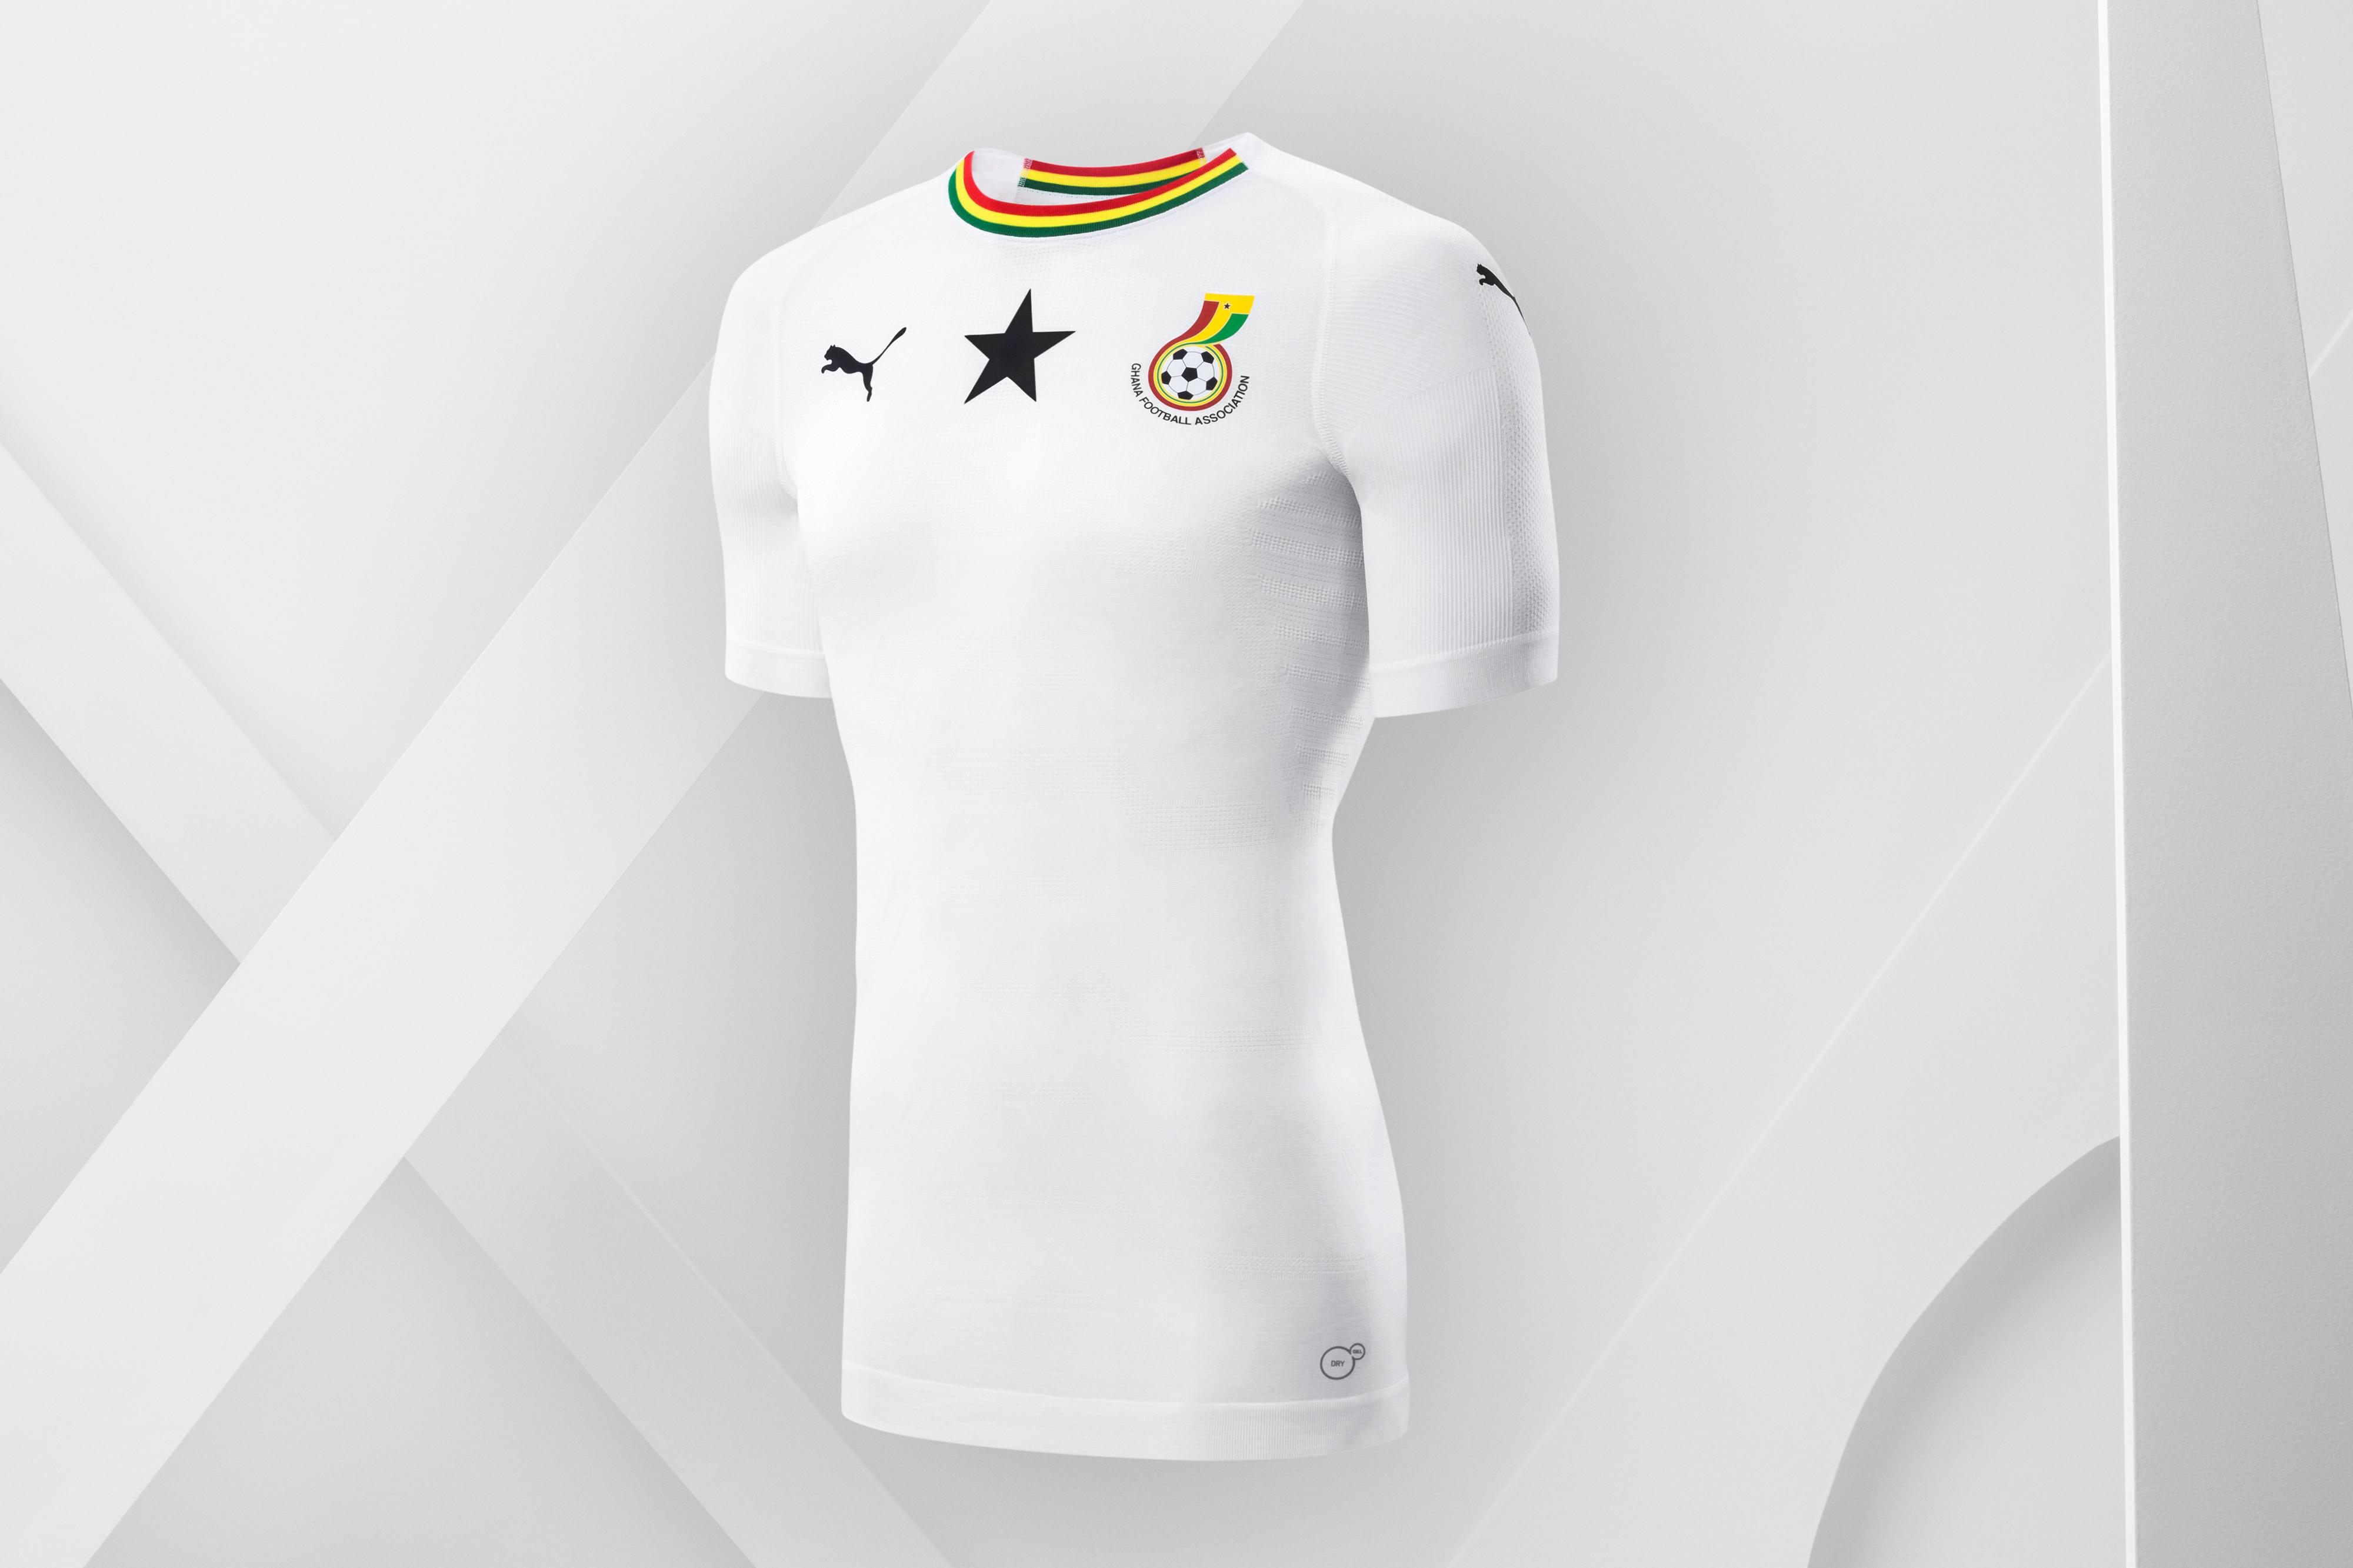 Nova camisa 3 do Avaí homenageia 95 anos de história do clube ... 4313ce35cc6ef